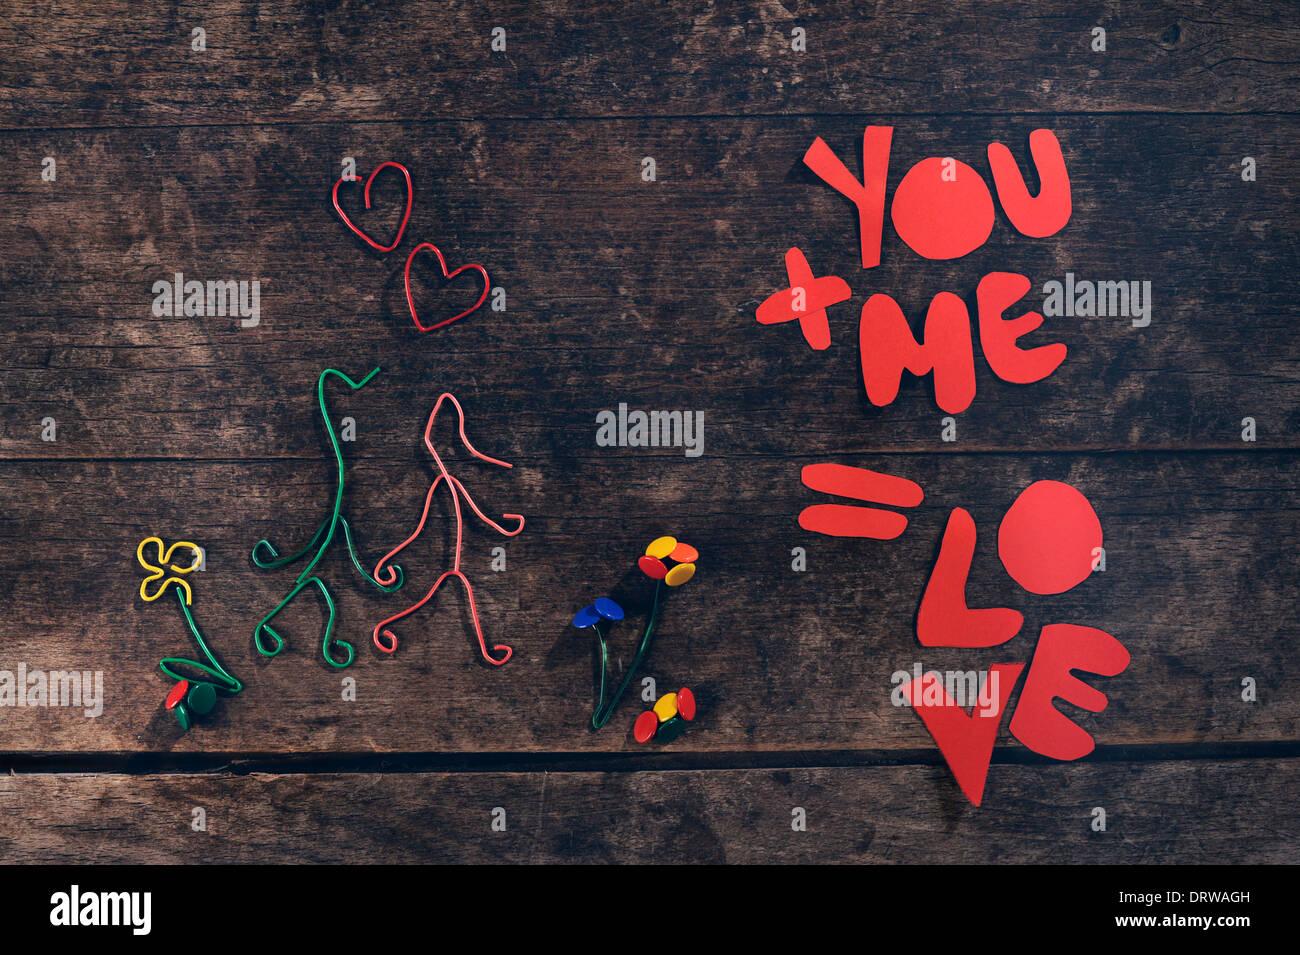 Message d'amour créatif. Couple holding hands fabriqué à partir de trombones et punaises et vintage sur fond de bois. Photo Stock